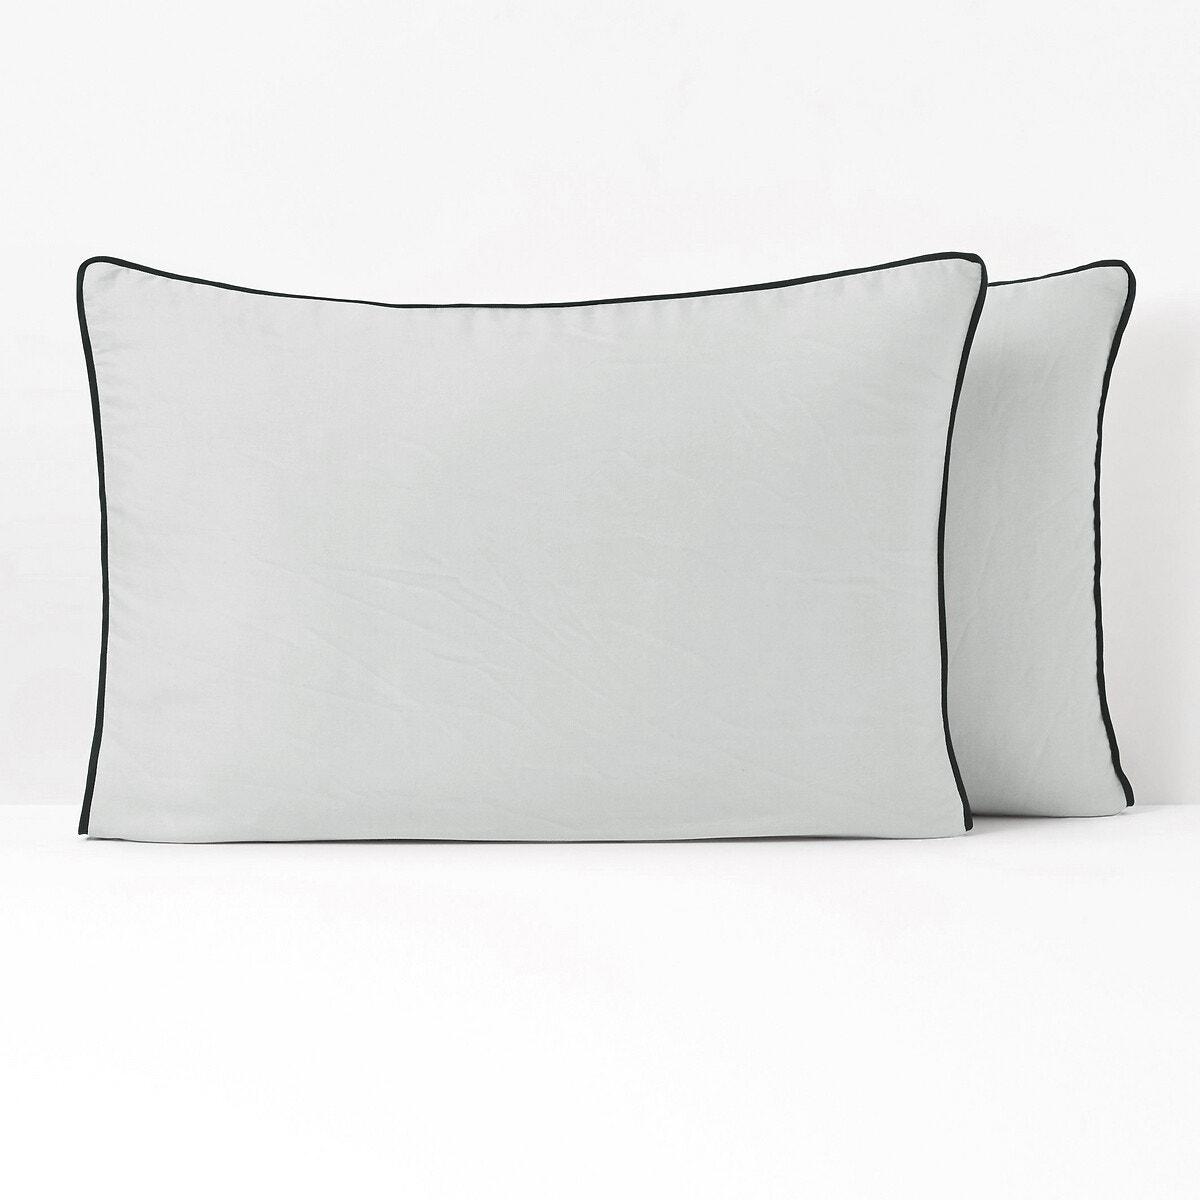 PAVONE ウォッシュ加工コットンサテン 枕カバー